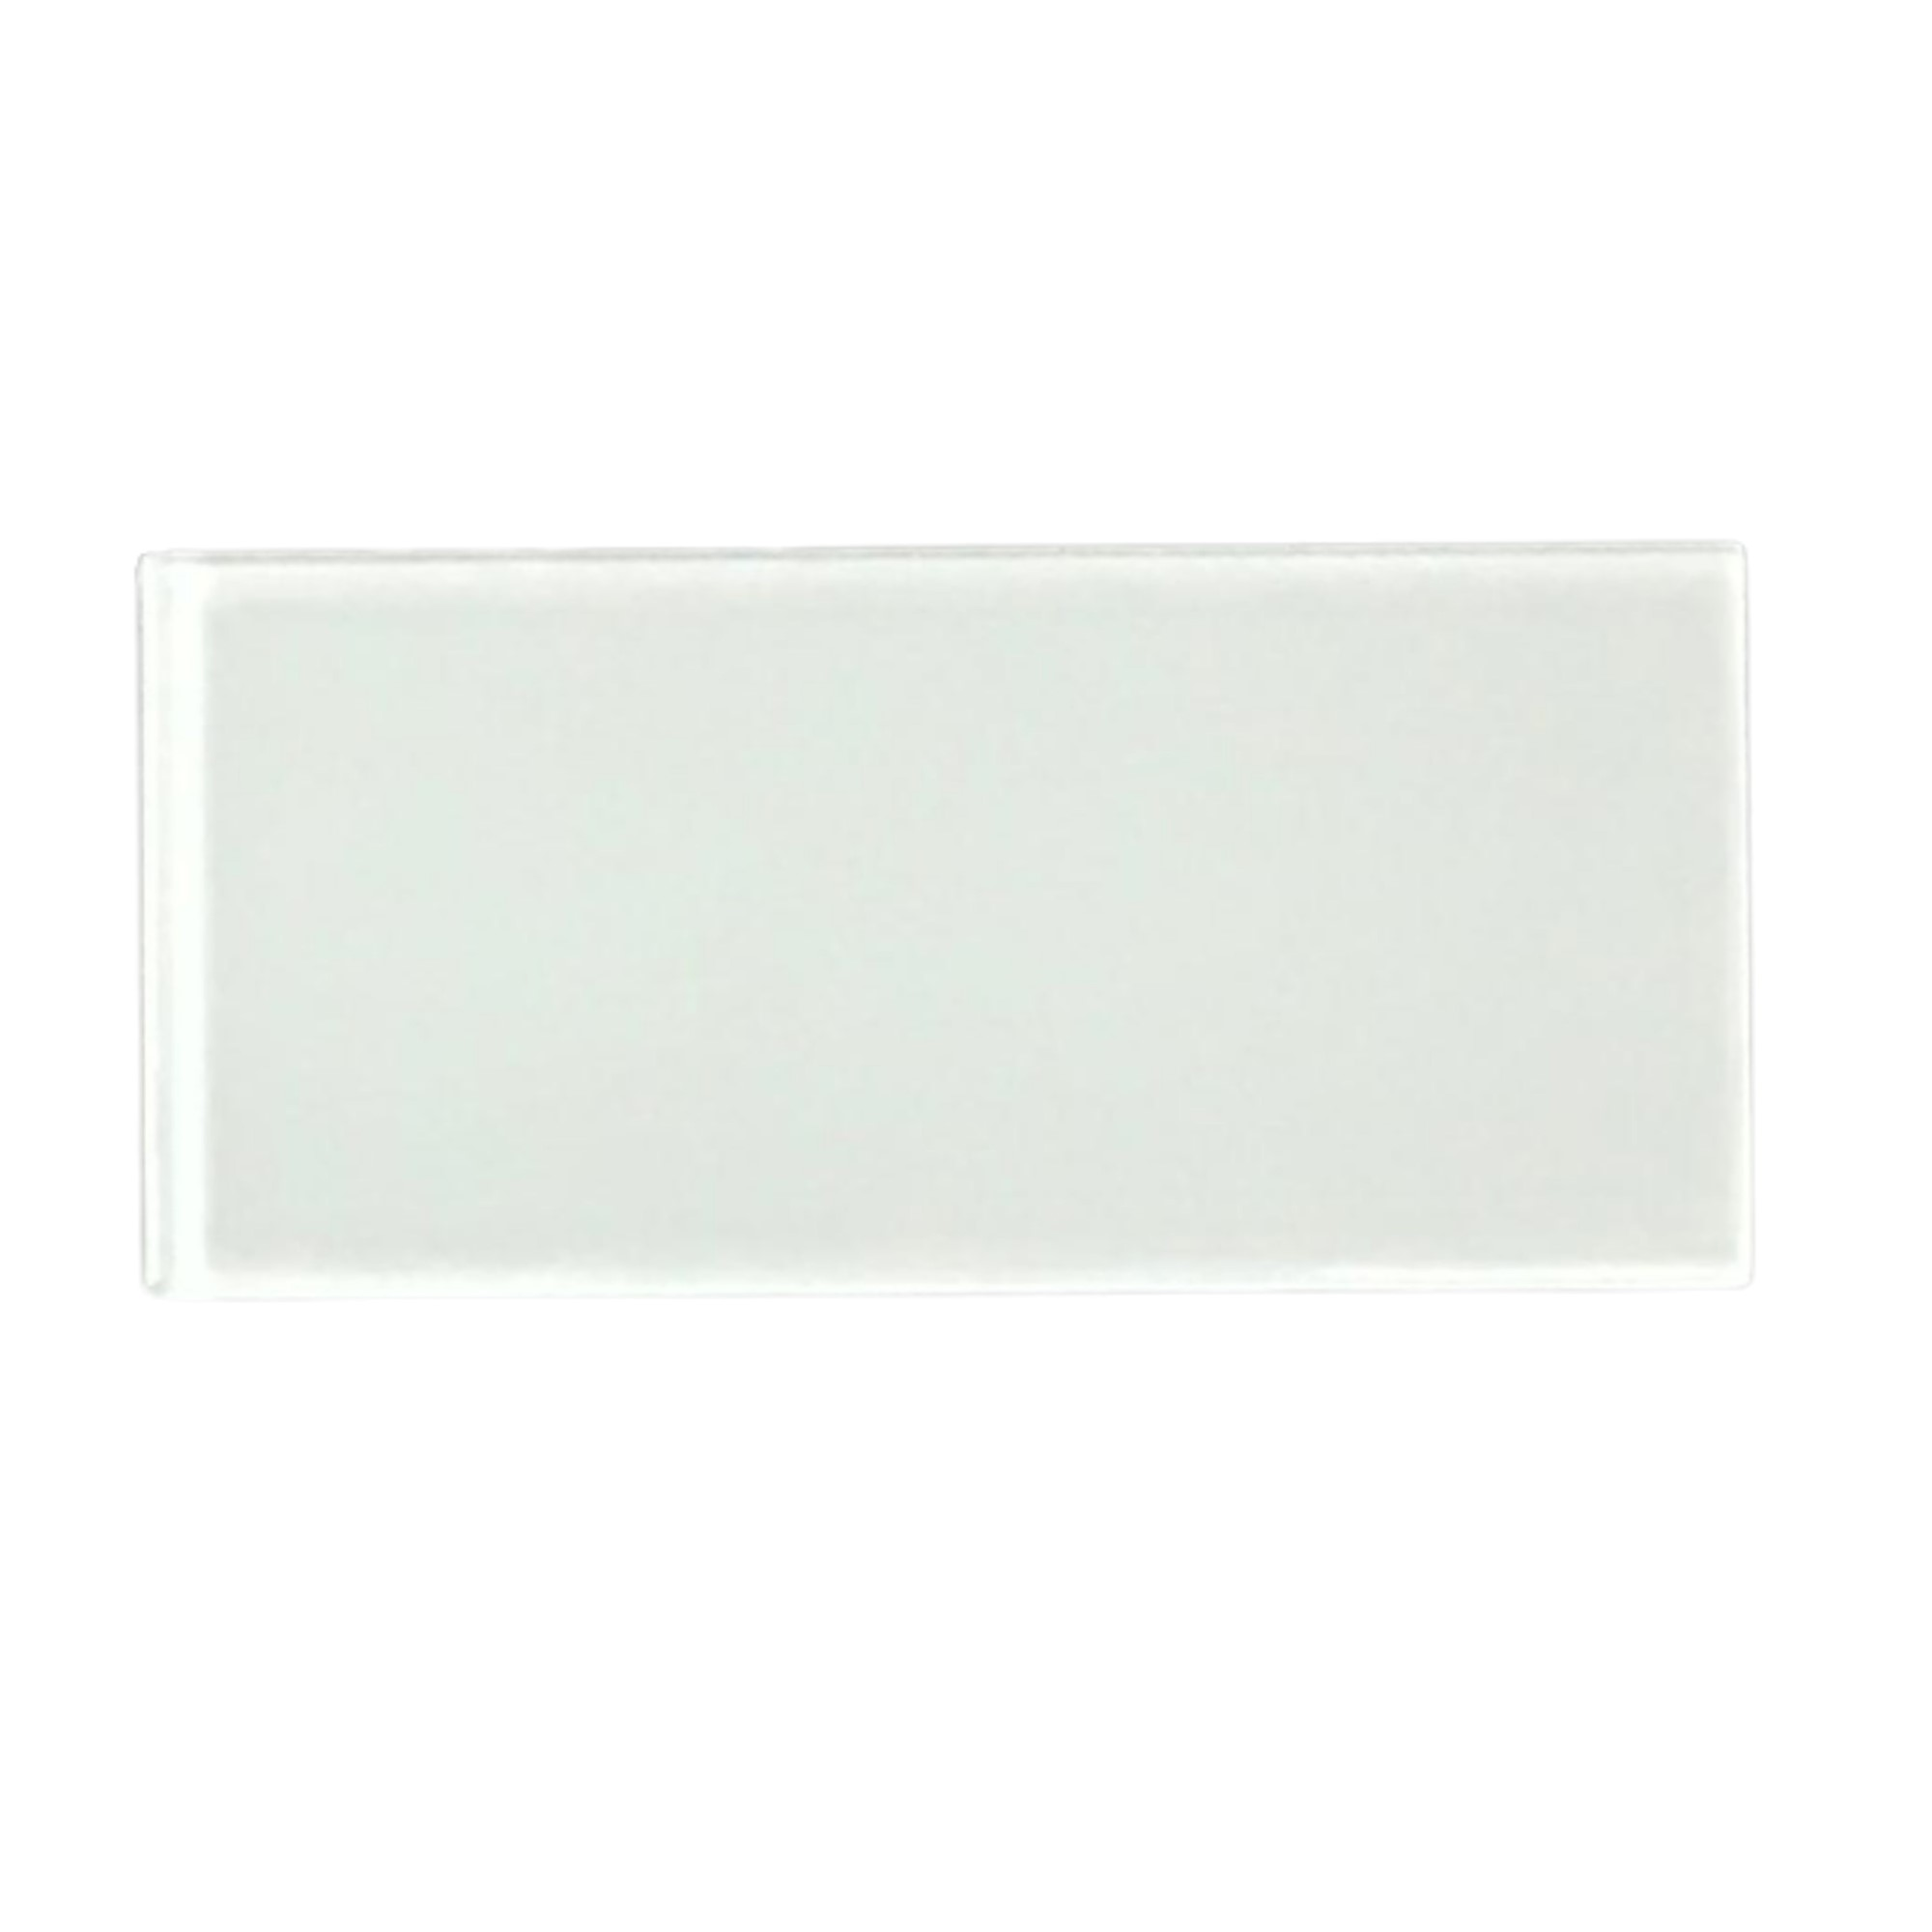 Pastilha Subway Tile 7,5x15cm - Branco